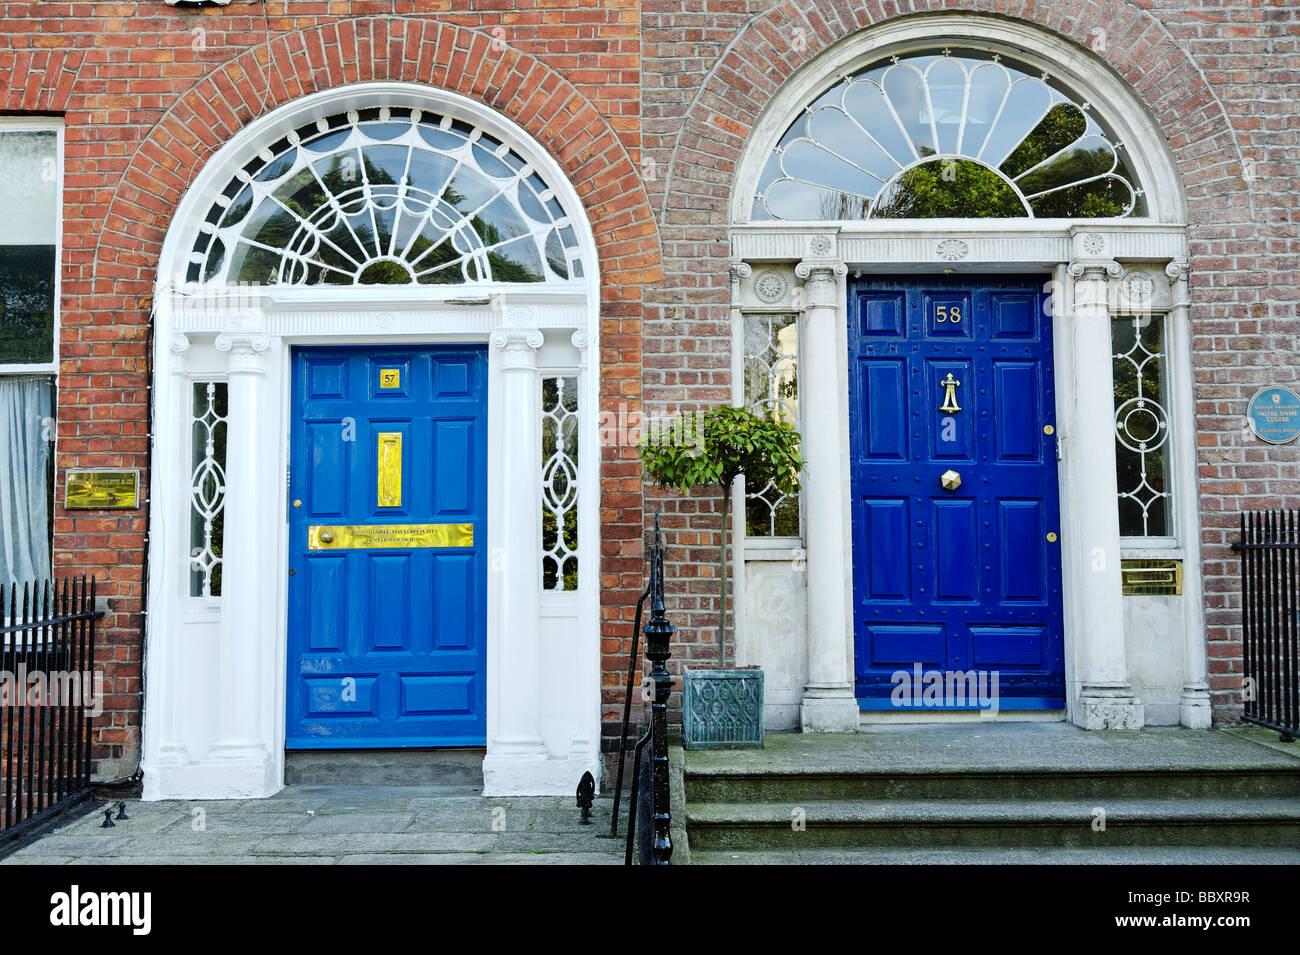 Colorati porte blu su ingressi alle case a schiera attorno al Merrion Square a Dublino Repubblica di Irlanda Immagini Stock